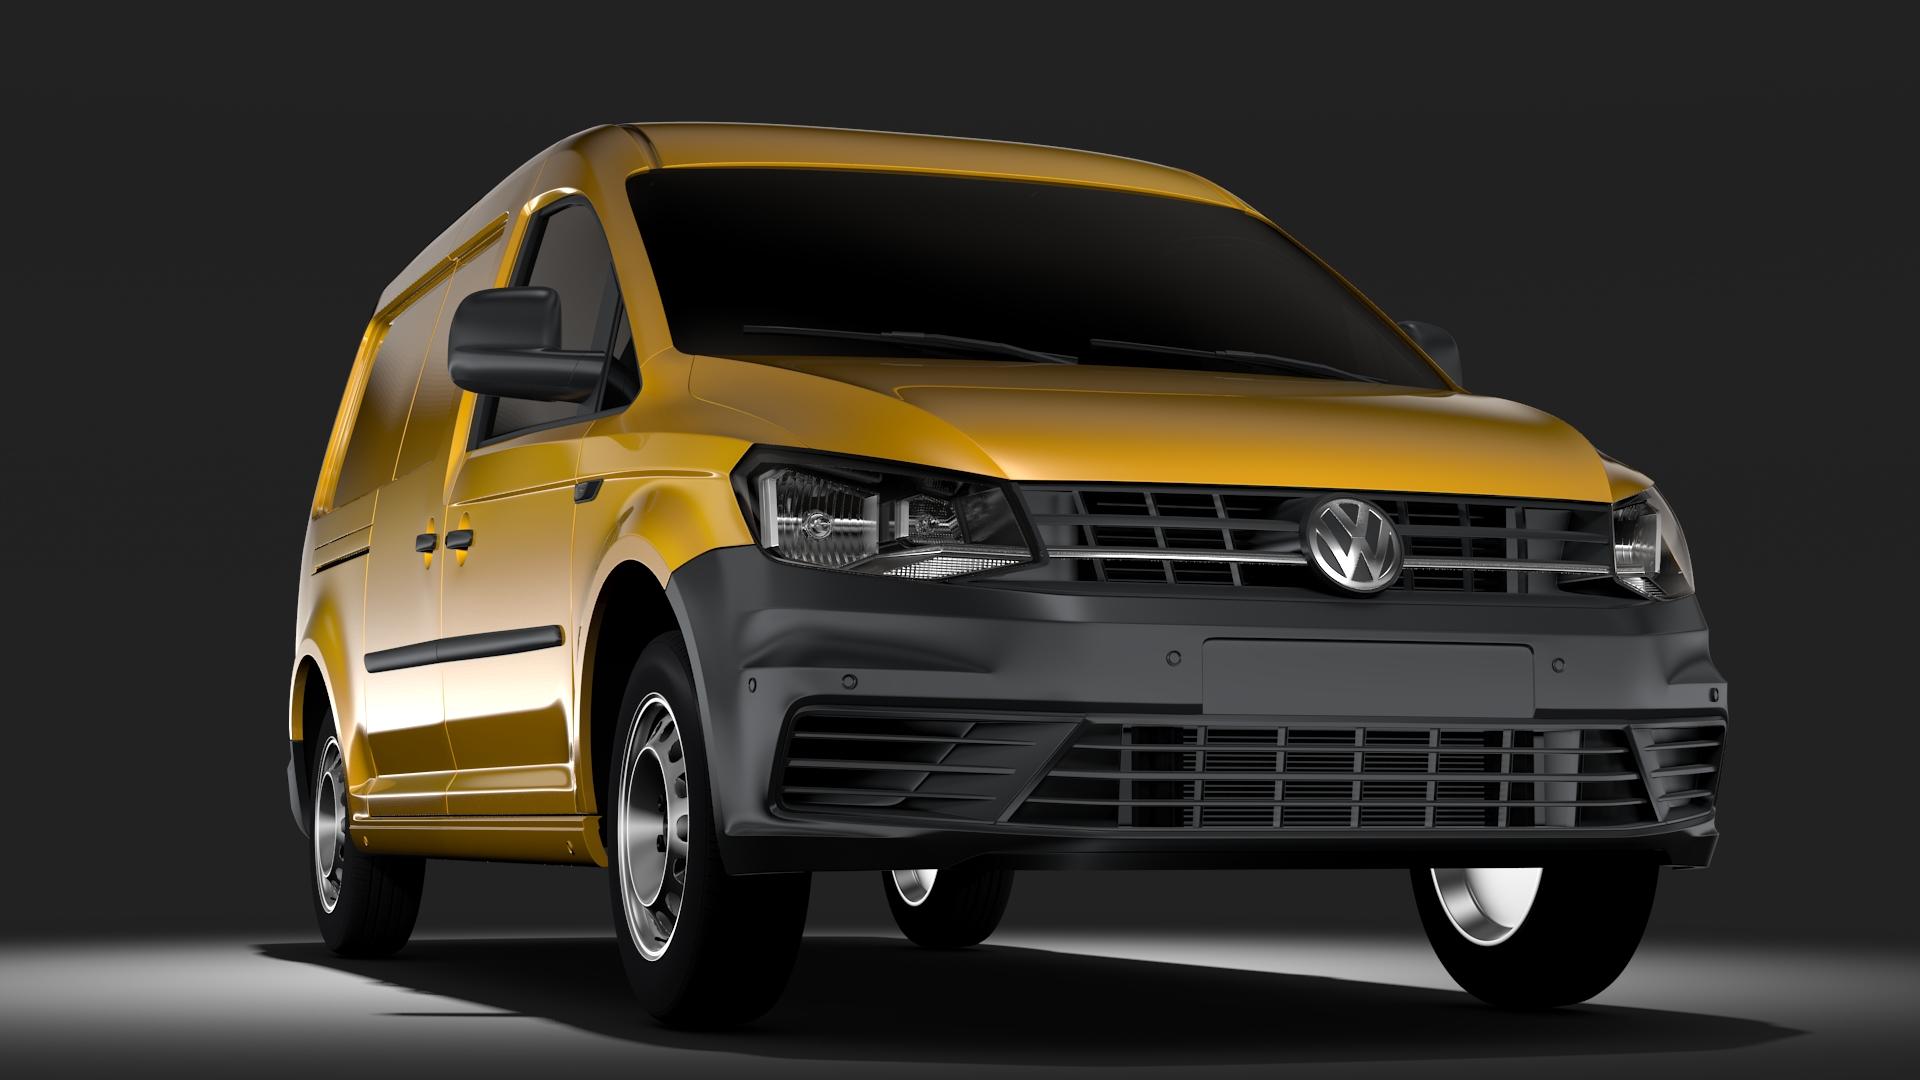 volkswagen caddy panel van l2 2017 3d model max fbx c4d lwo ma mb hrc xsi obj 274599